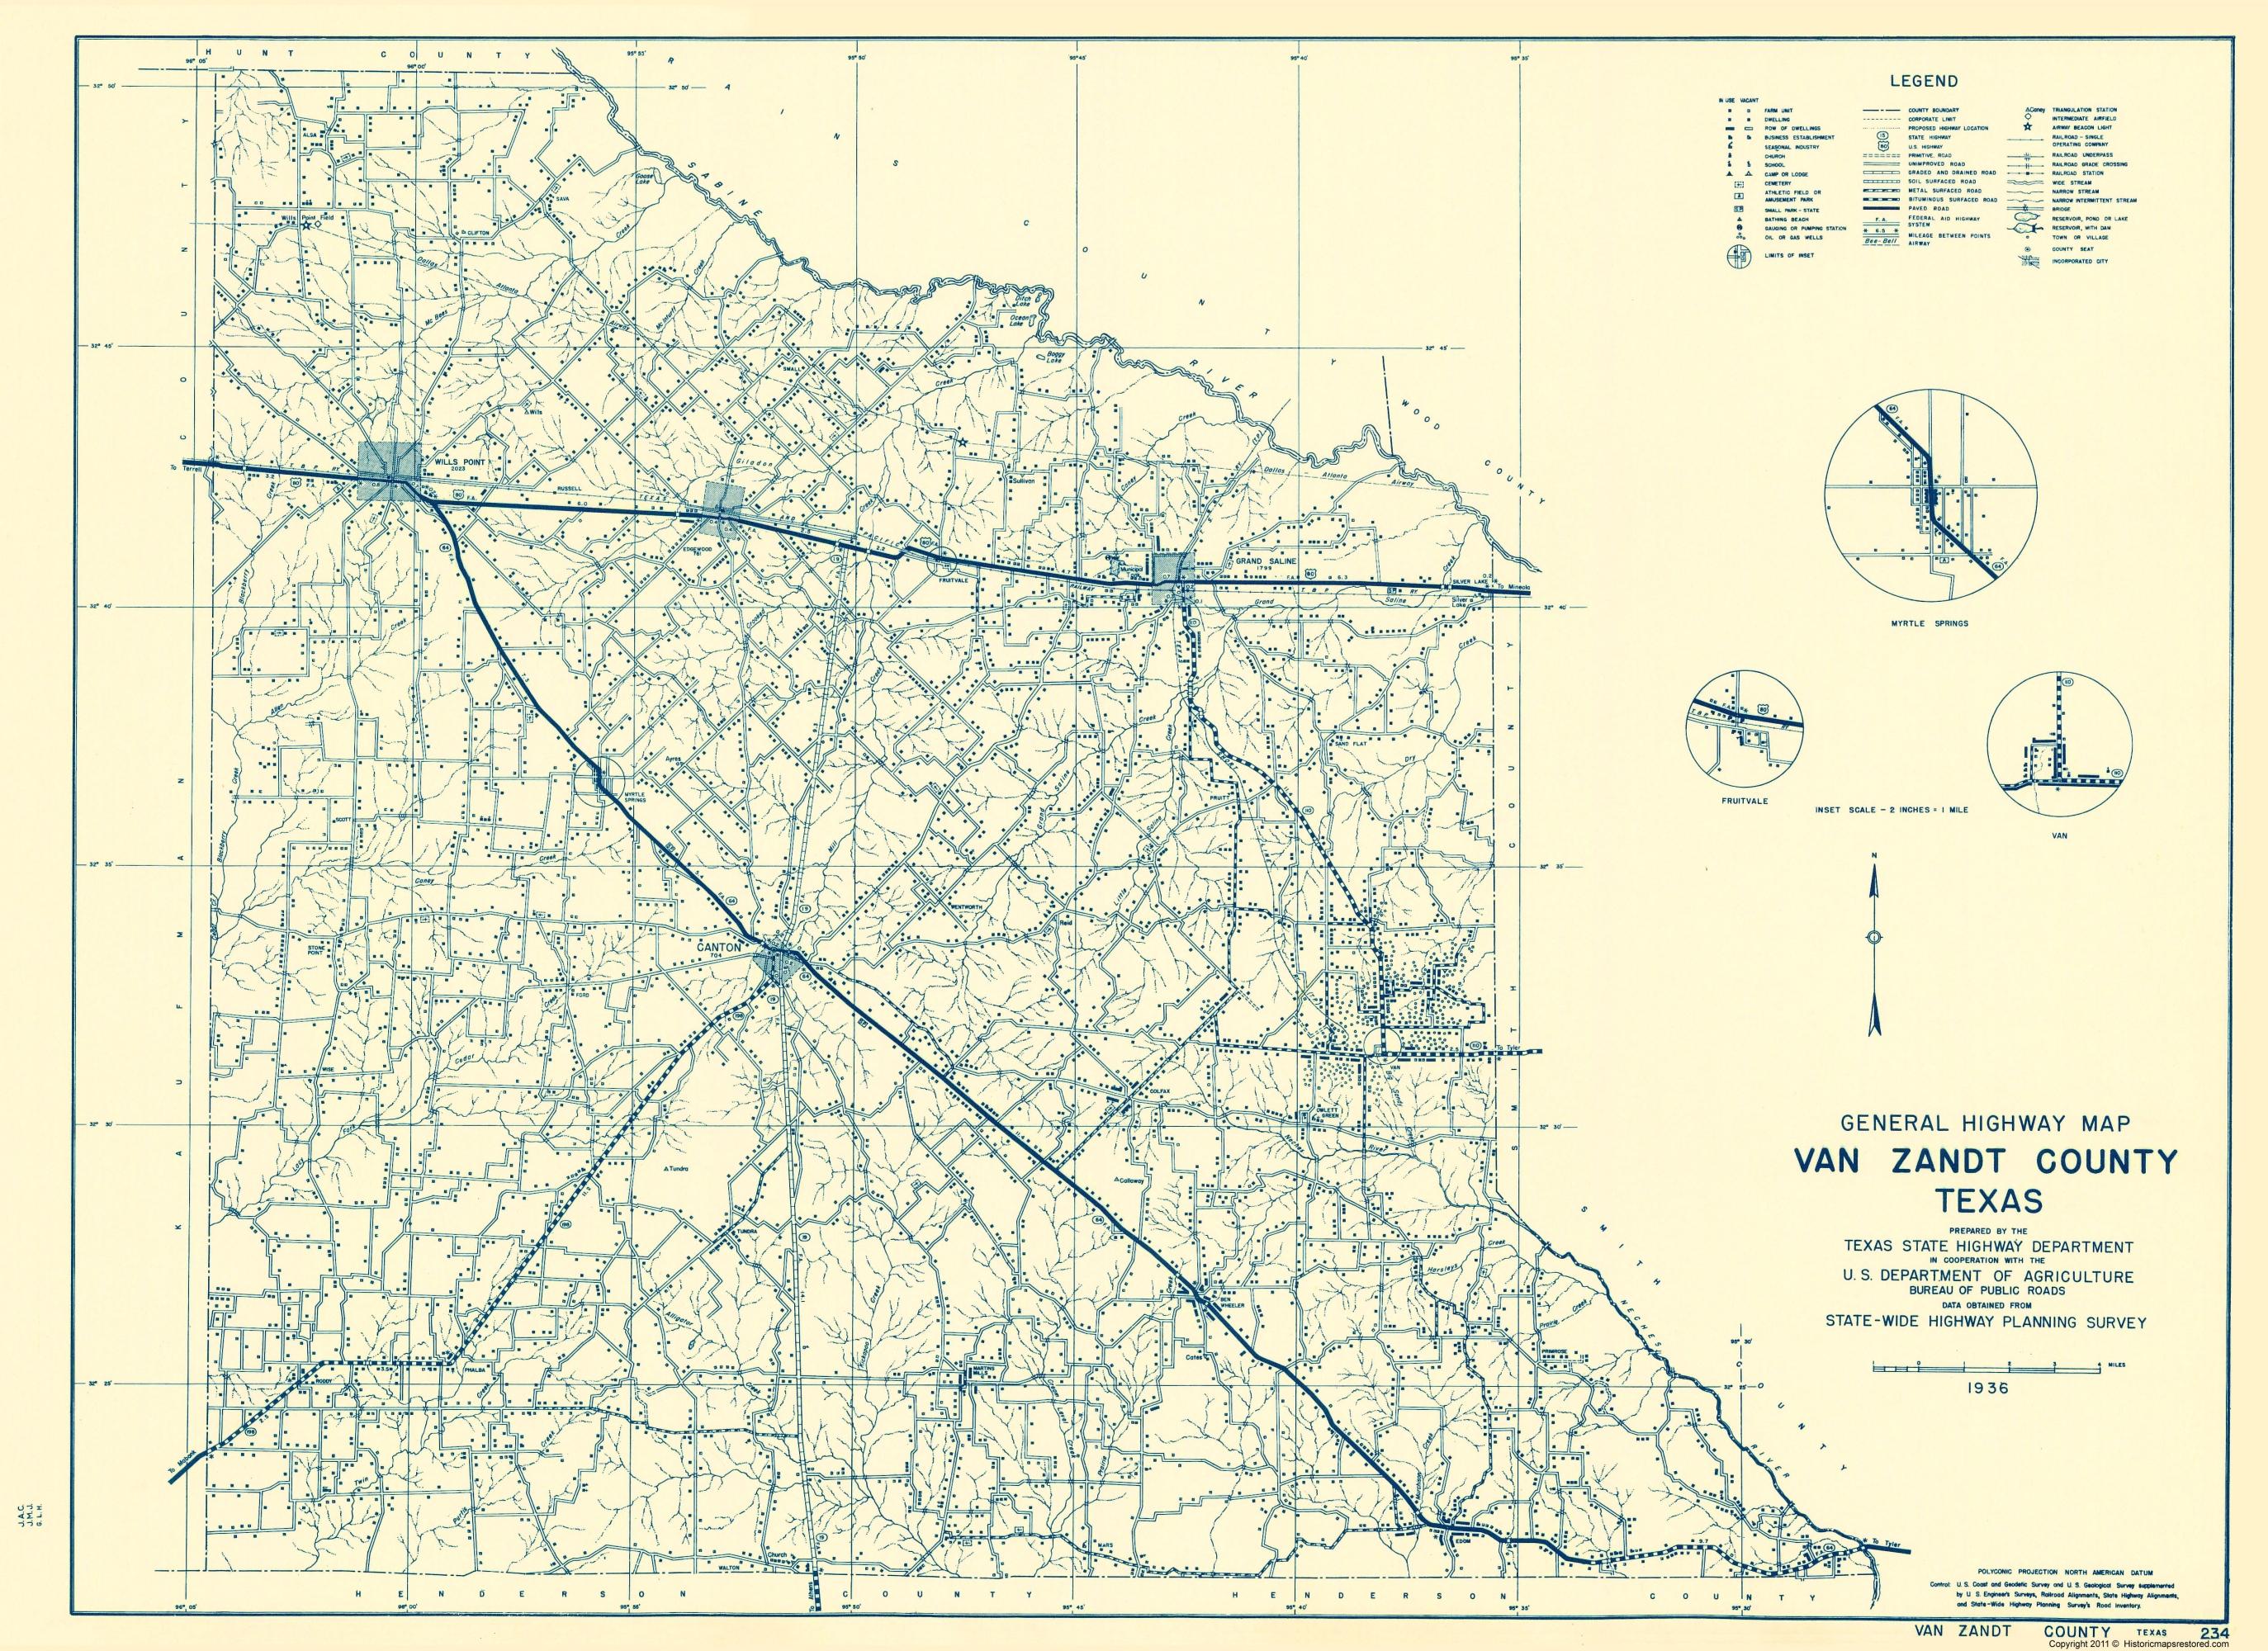 Old County Map - Van Zandt Texas - Highway Dept 1936 - Van Zandt County Texas Map